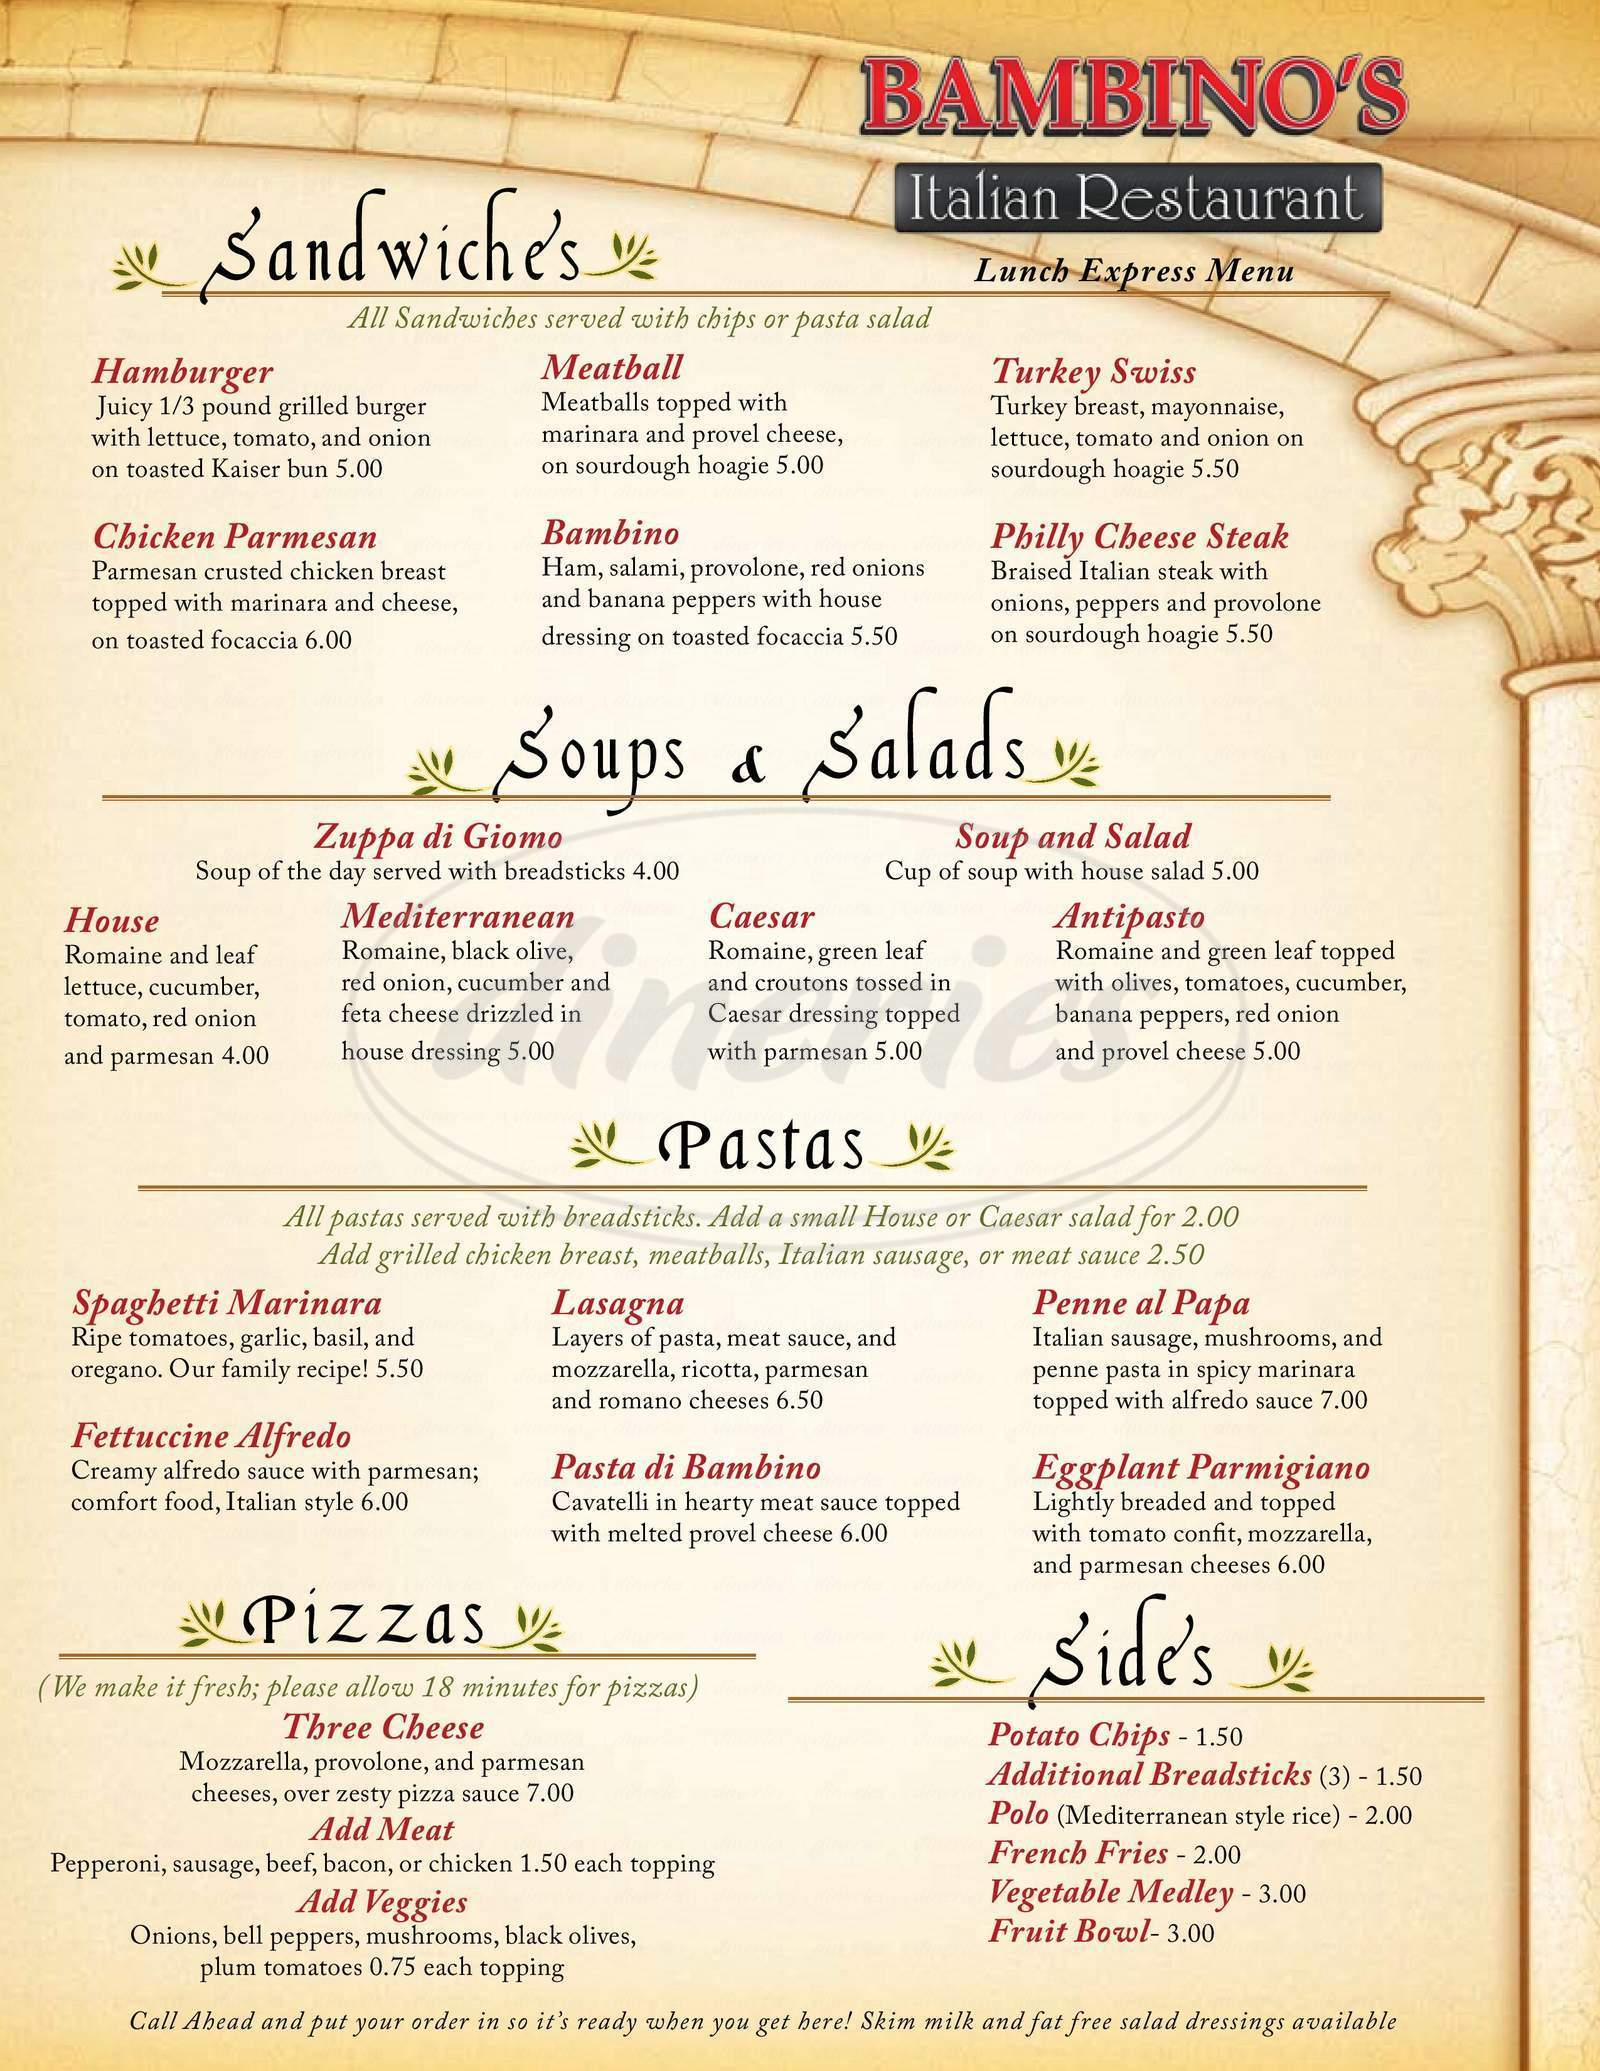 menu for Bambino's Italian Cafe